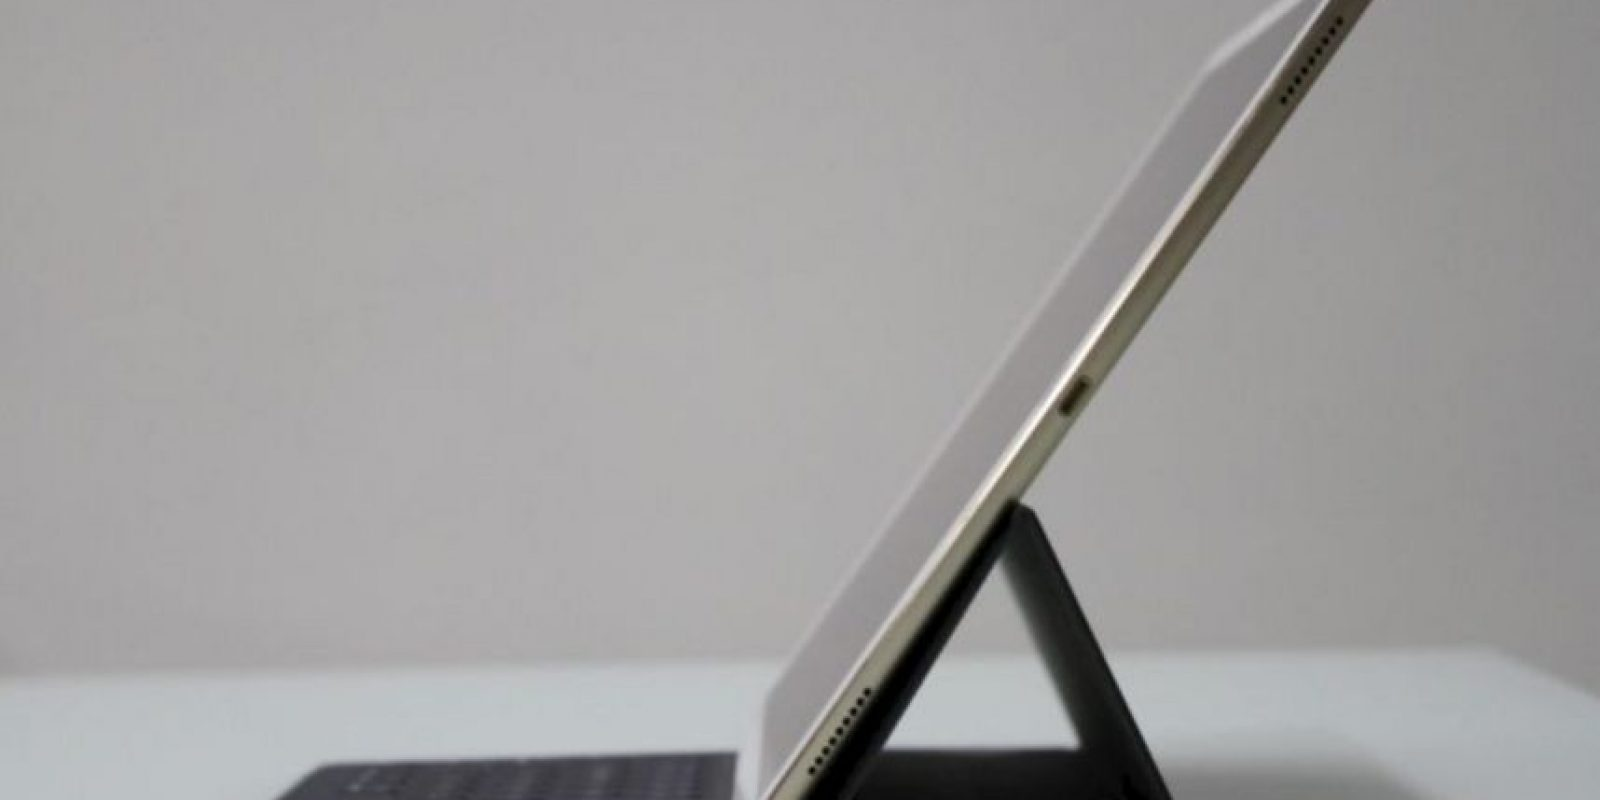 Así luce el anterior iPad Pro Foto:Nicolás Corte